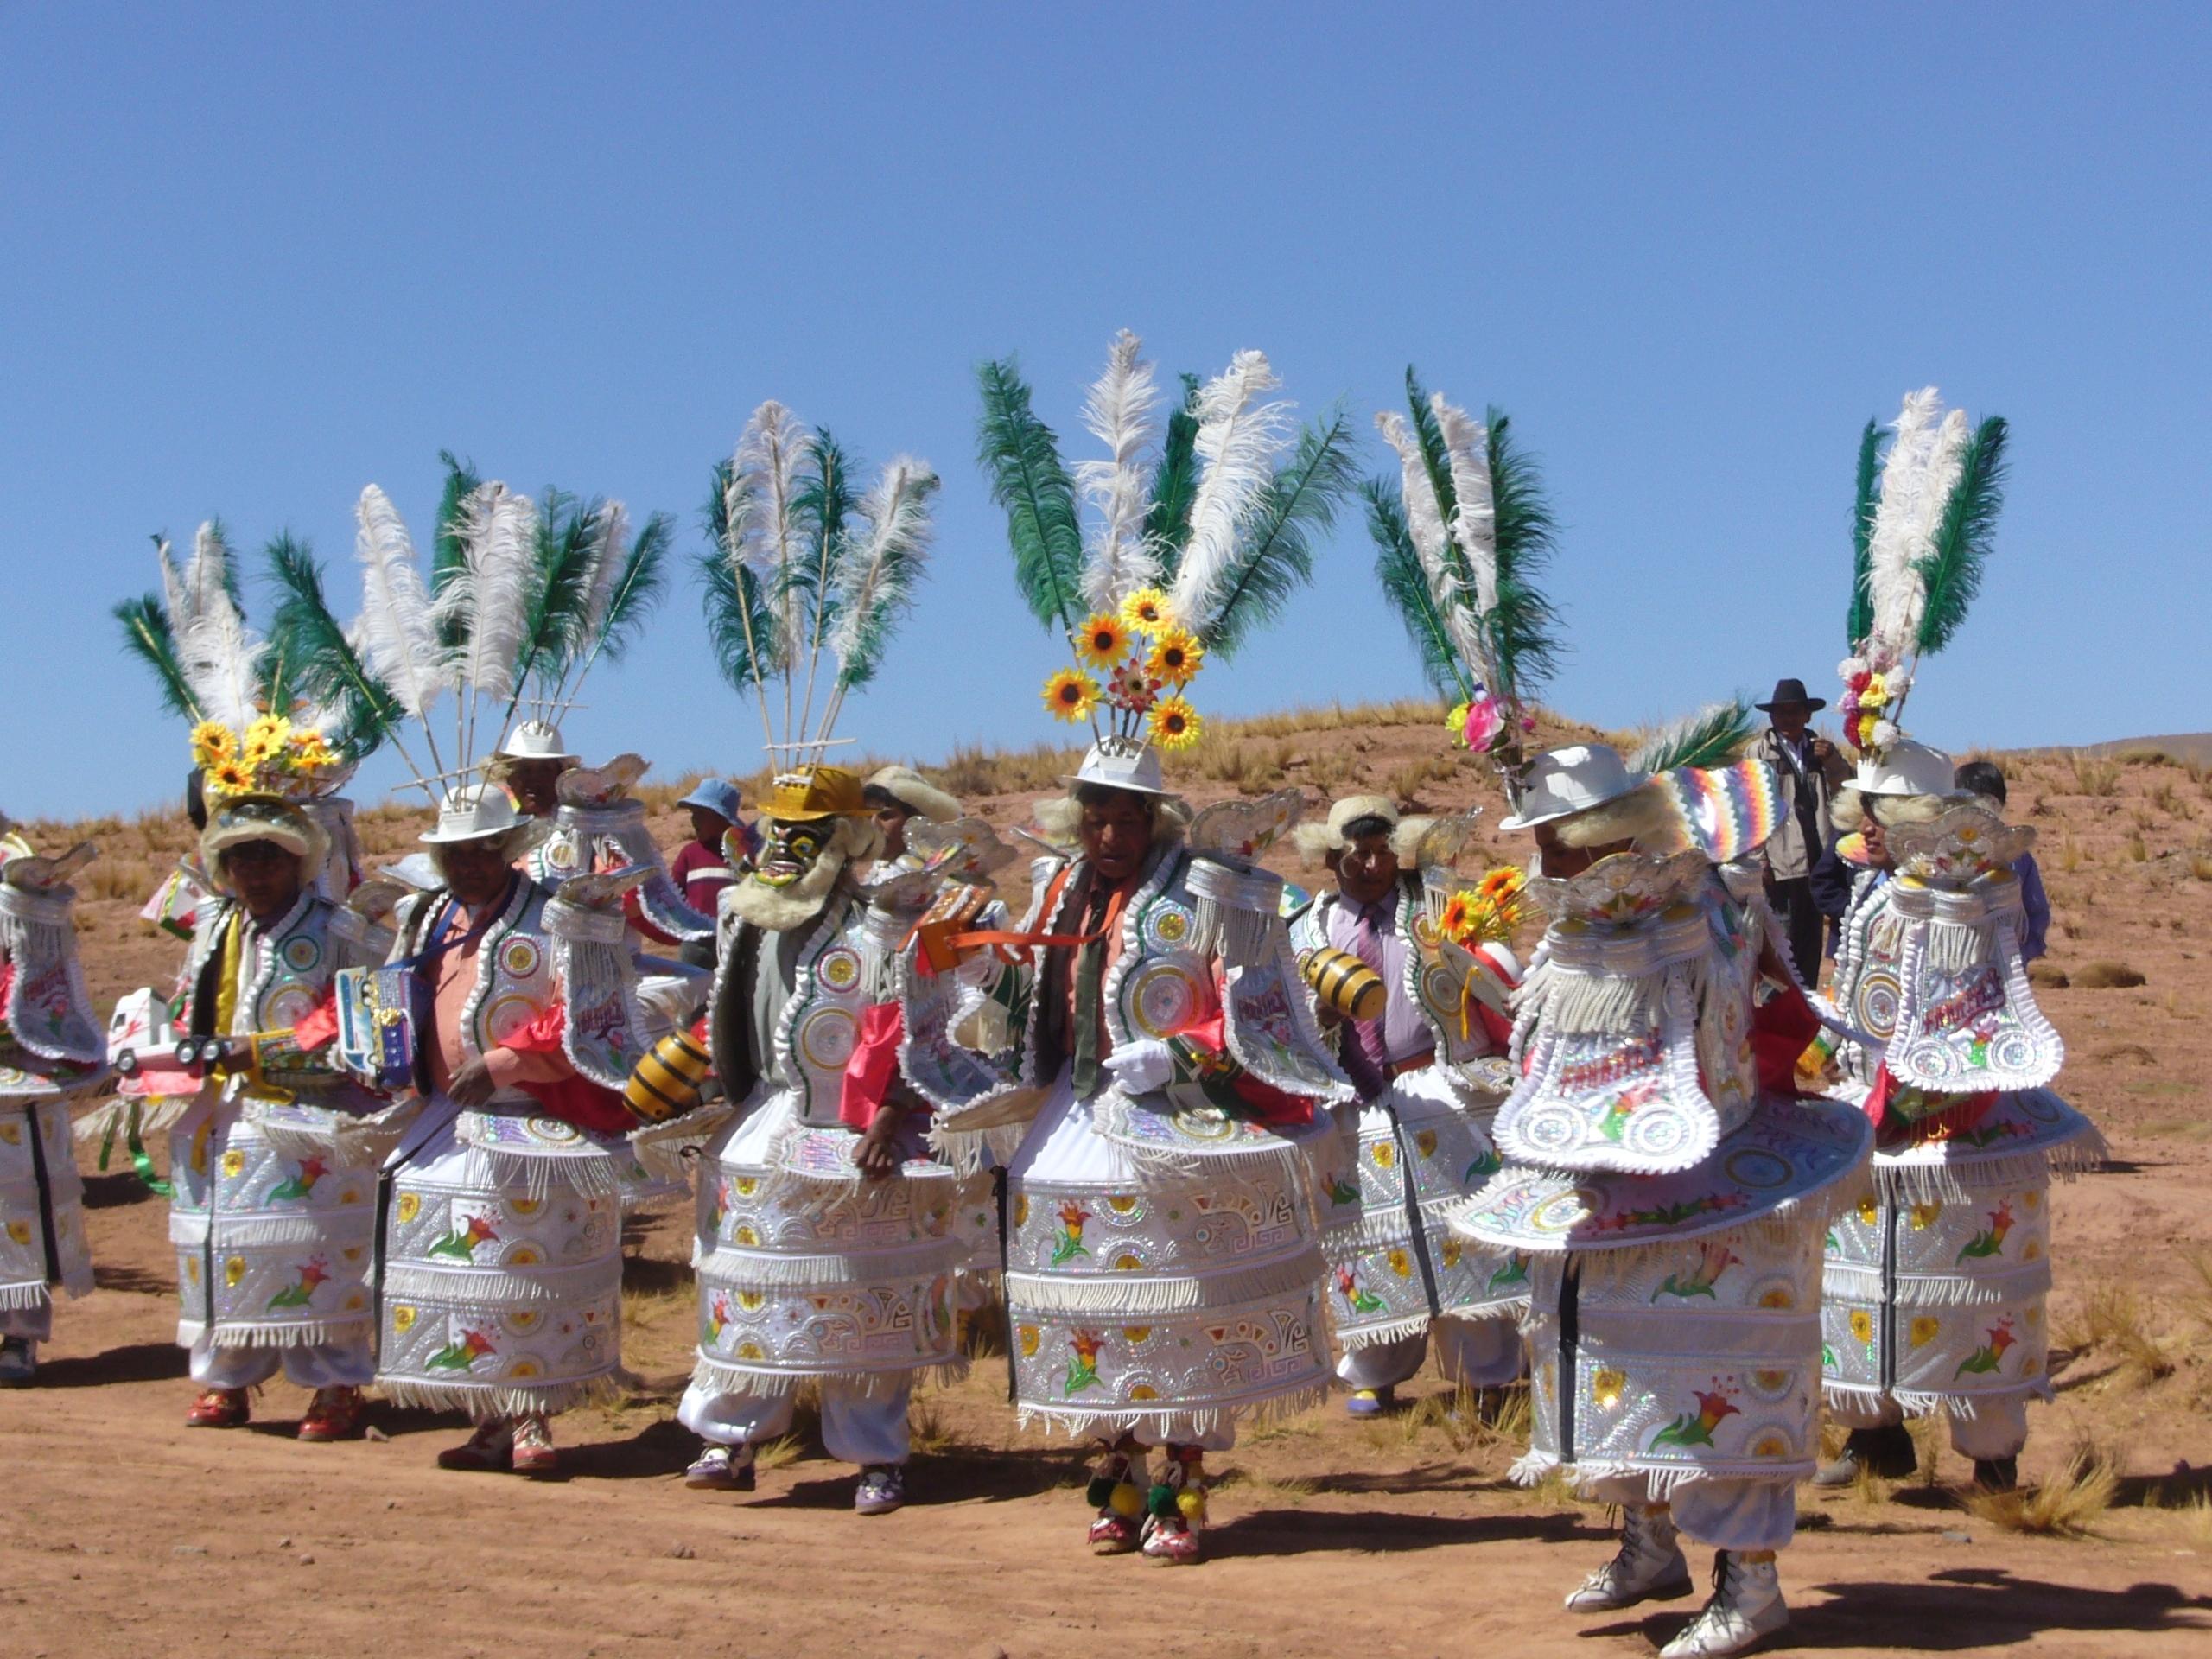 Radreise Peru 2008 - Fiesta bei Laja